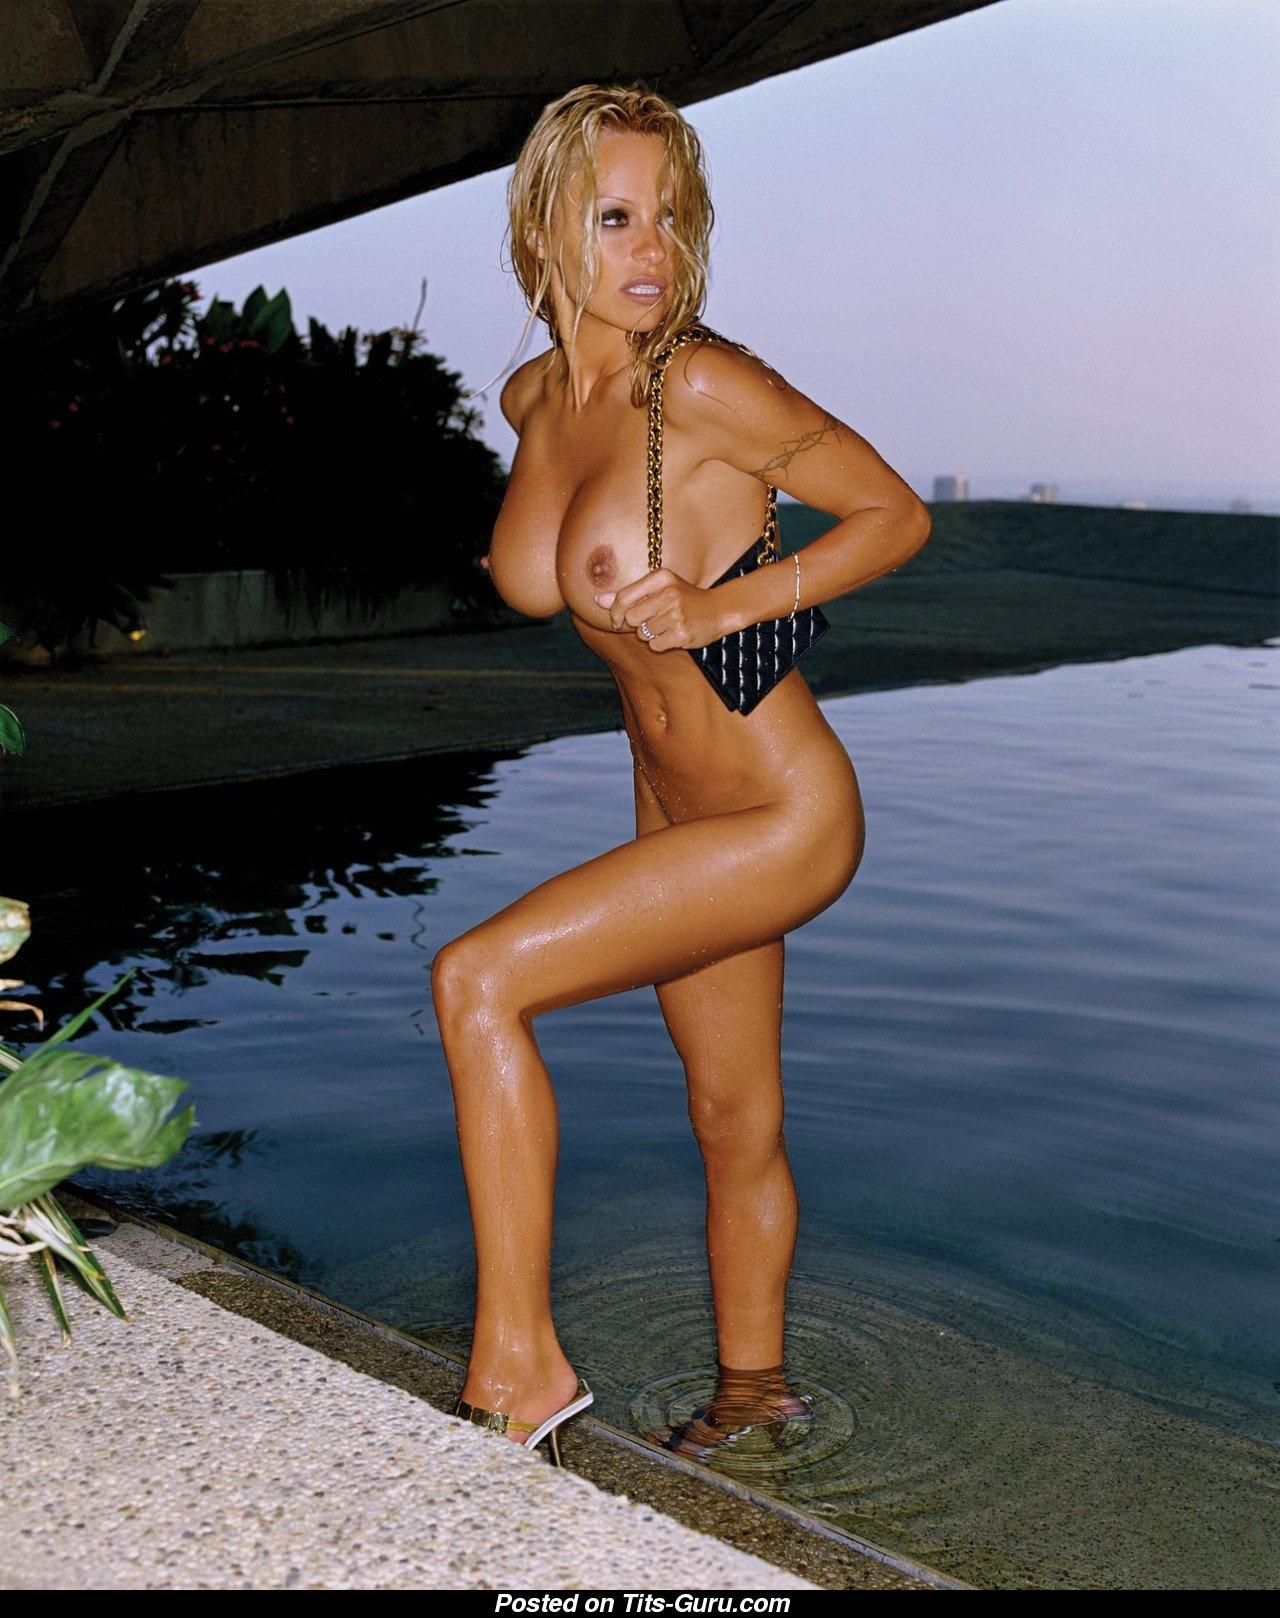 Pamela anderson boobs nude